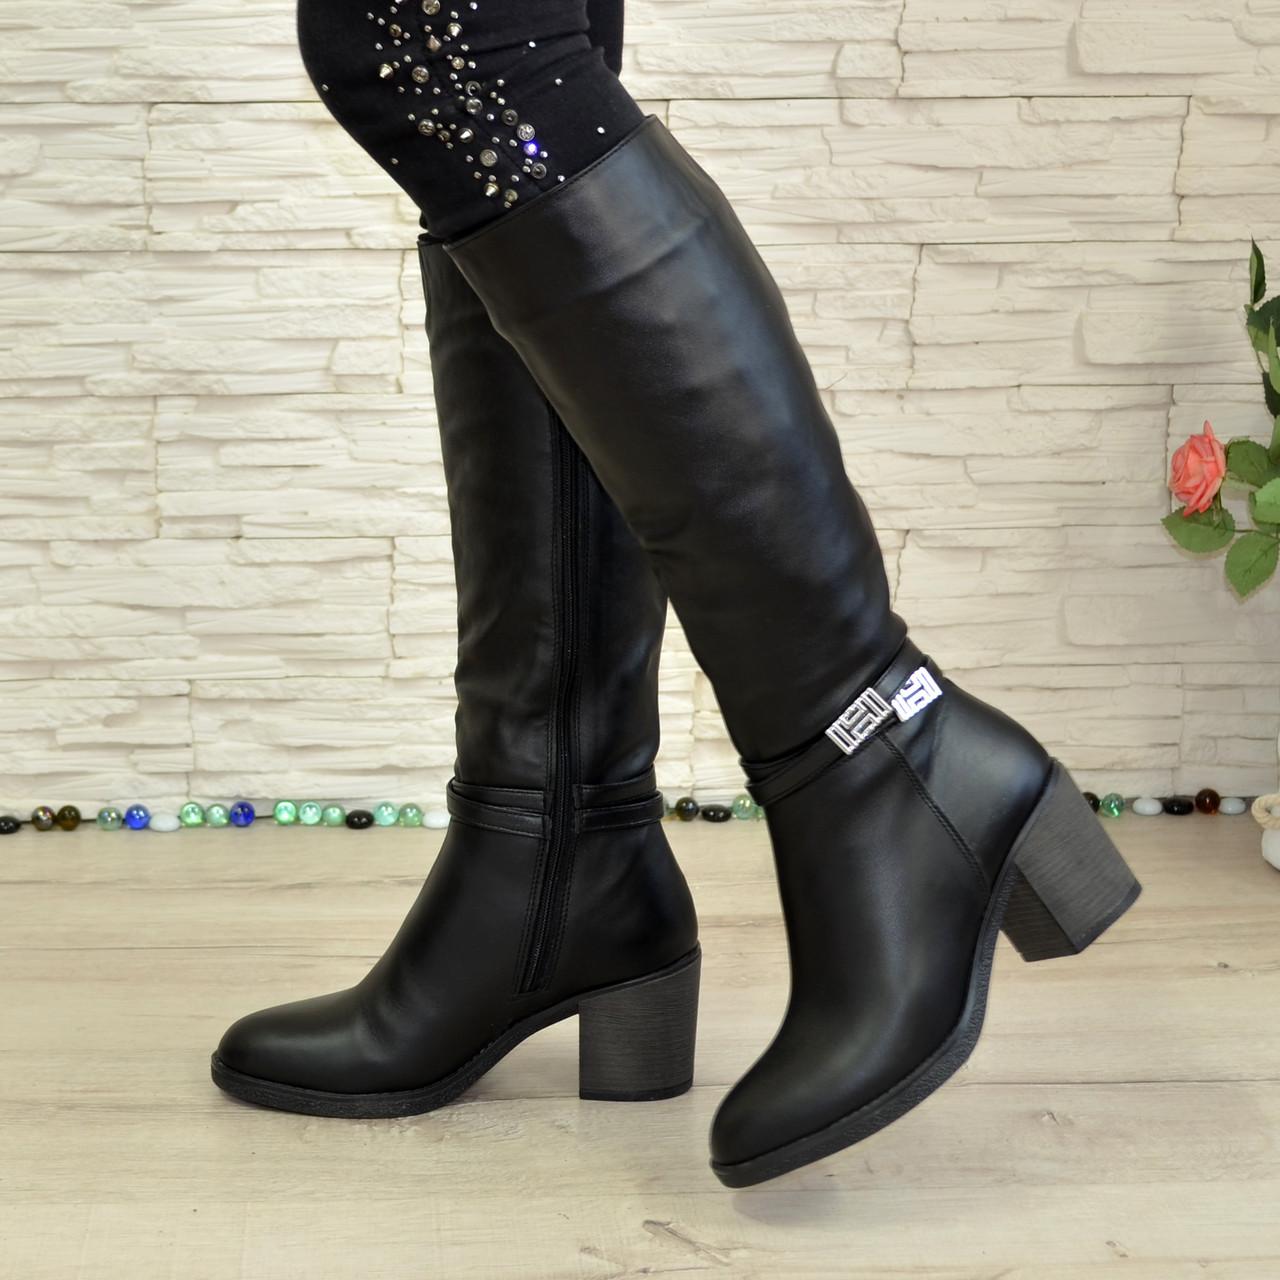 05d3a1cf3 ... Сапоги зимние черные кожаные женские на устойчивом каблуке. В наличии  36-39 размер,